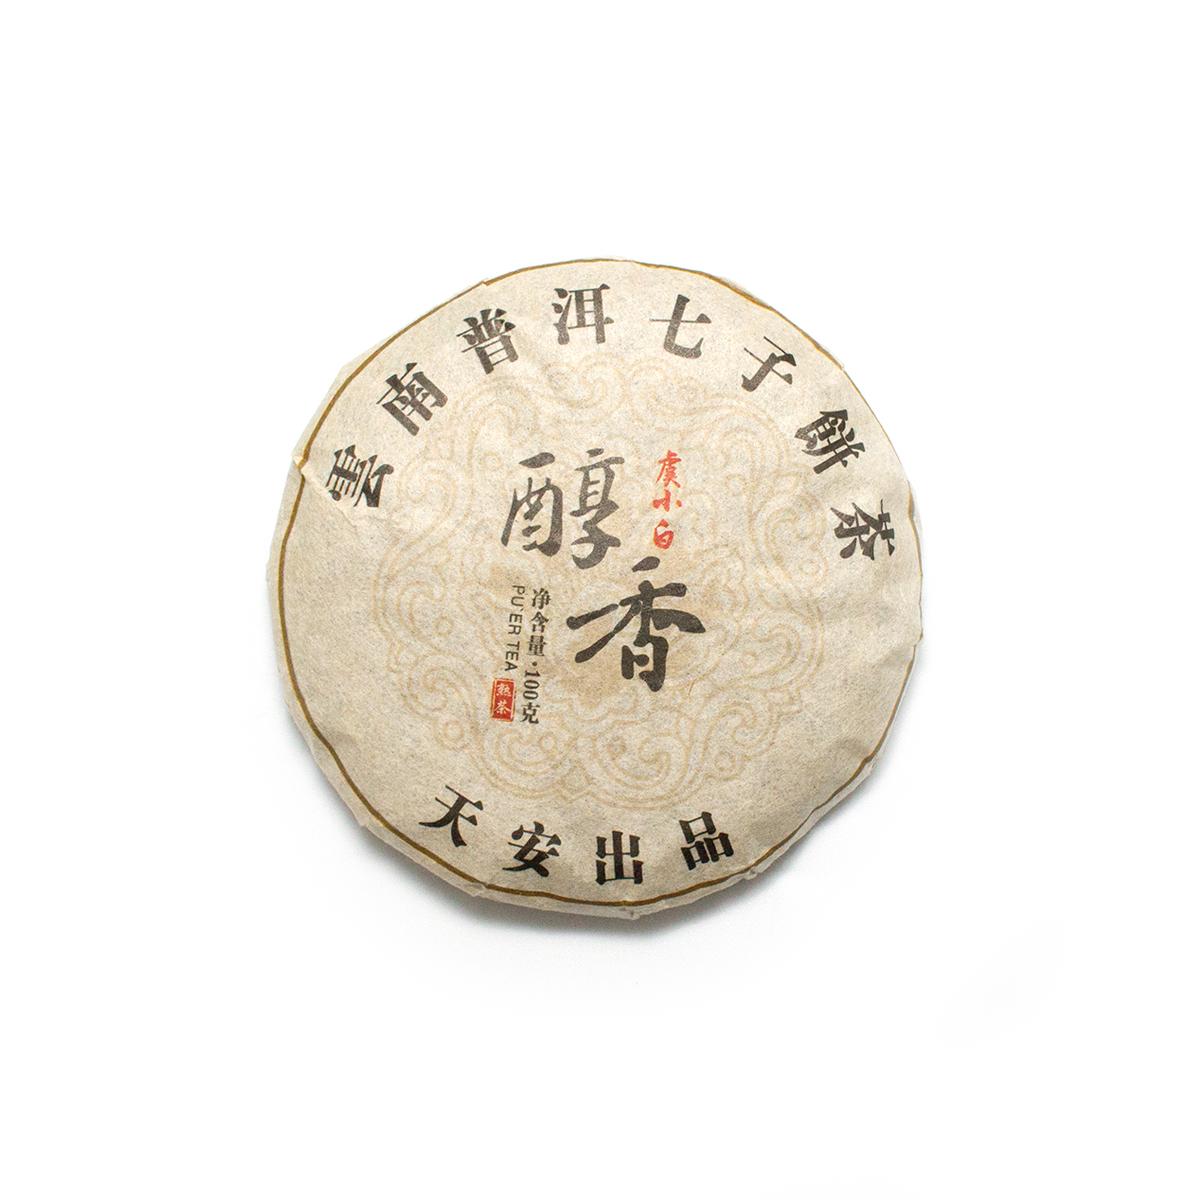 Пуэр Шу Юй Сяо Бай, 2017 г, 100 гр, блин